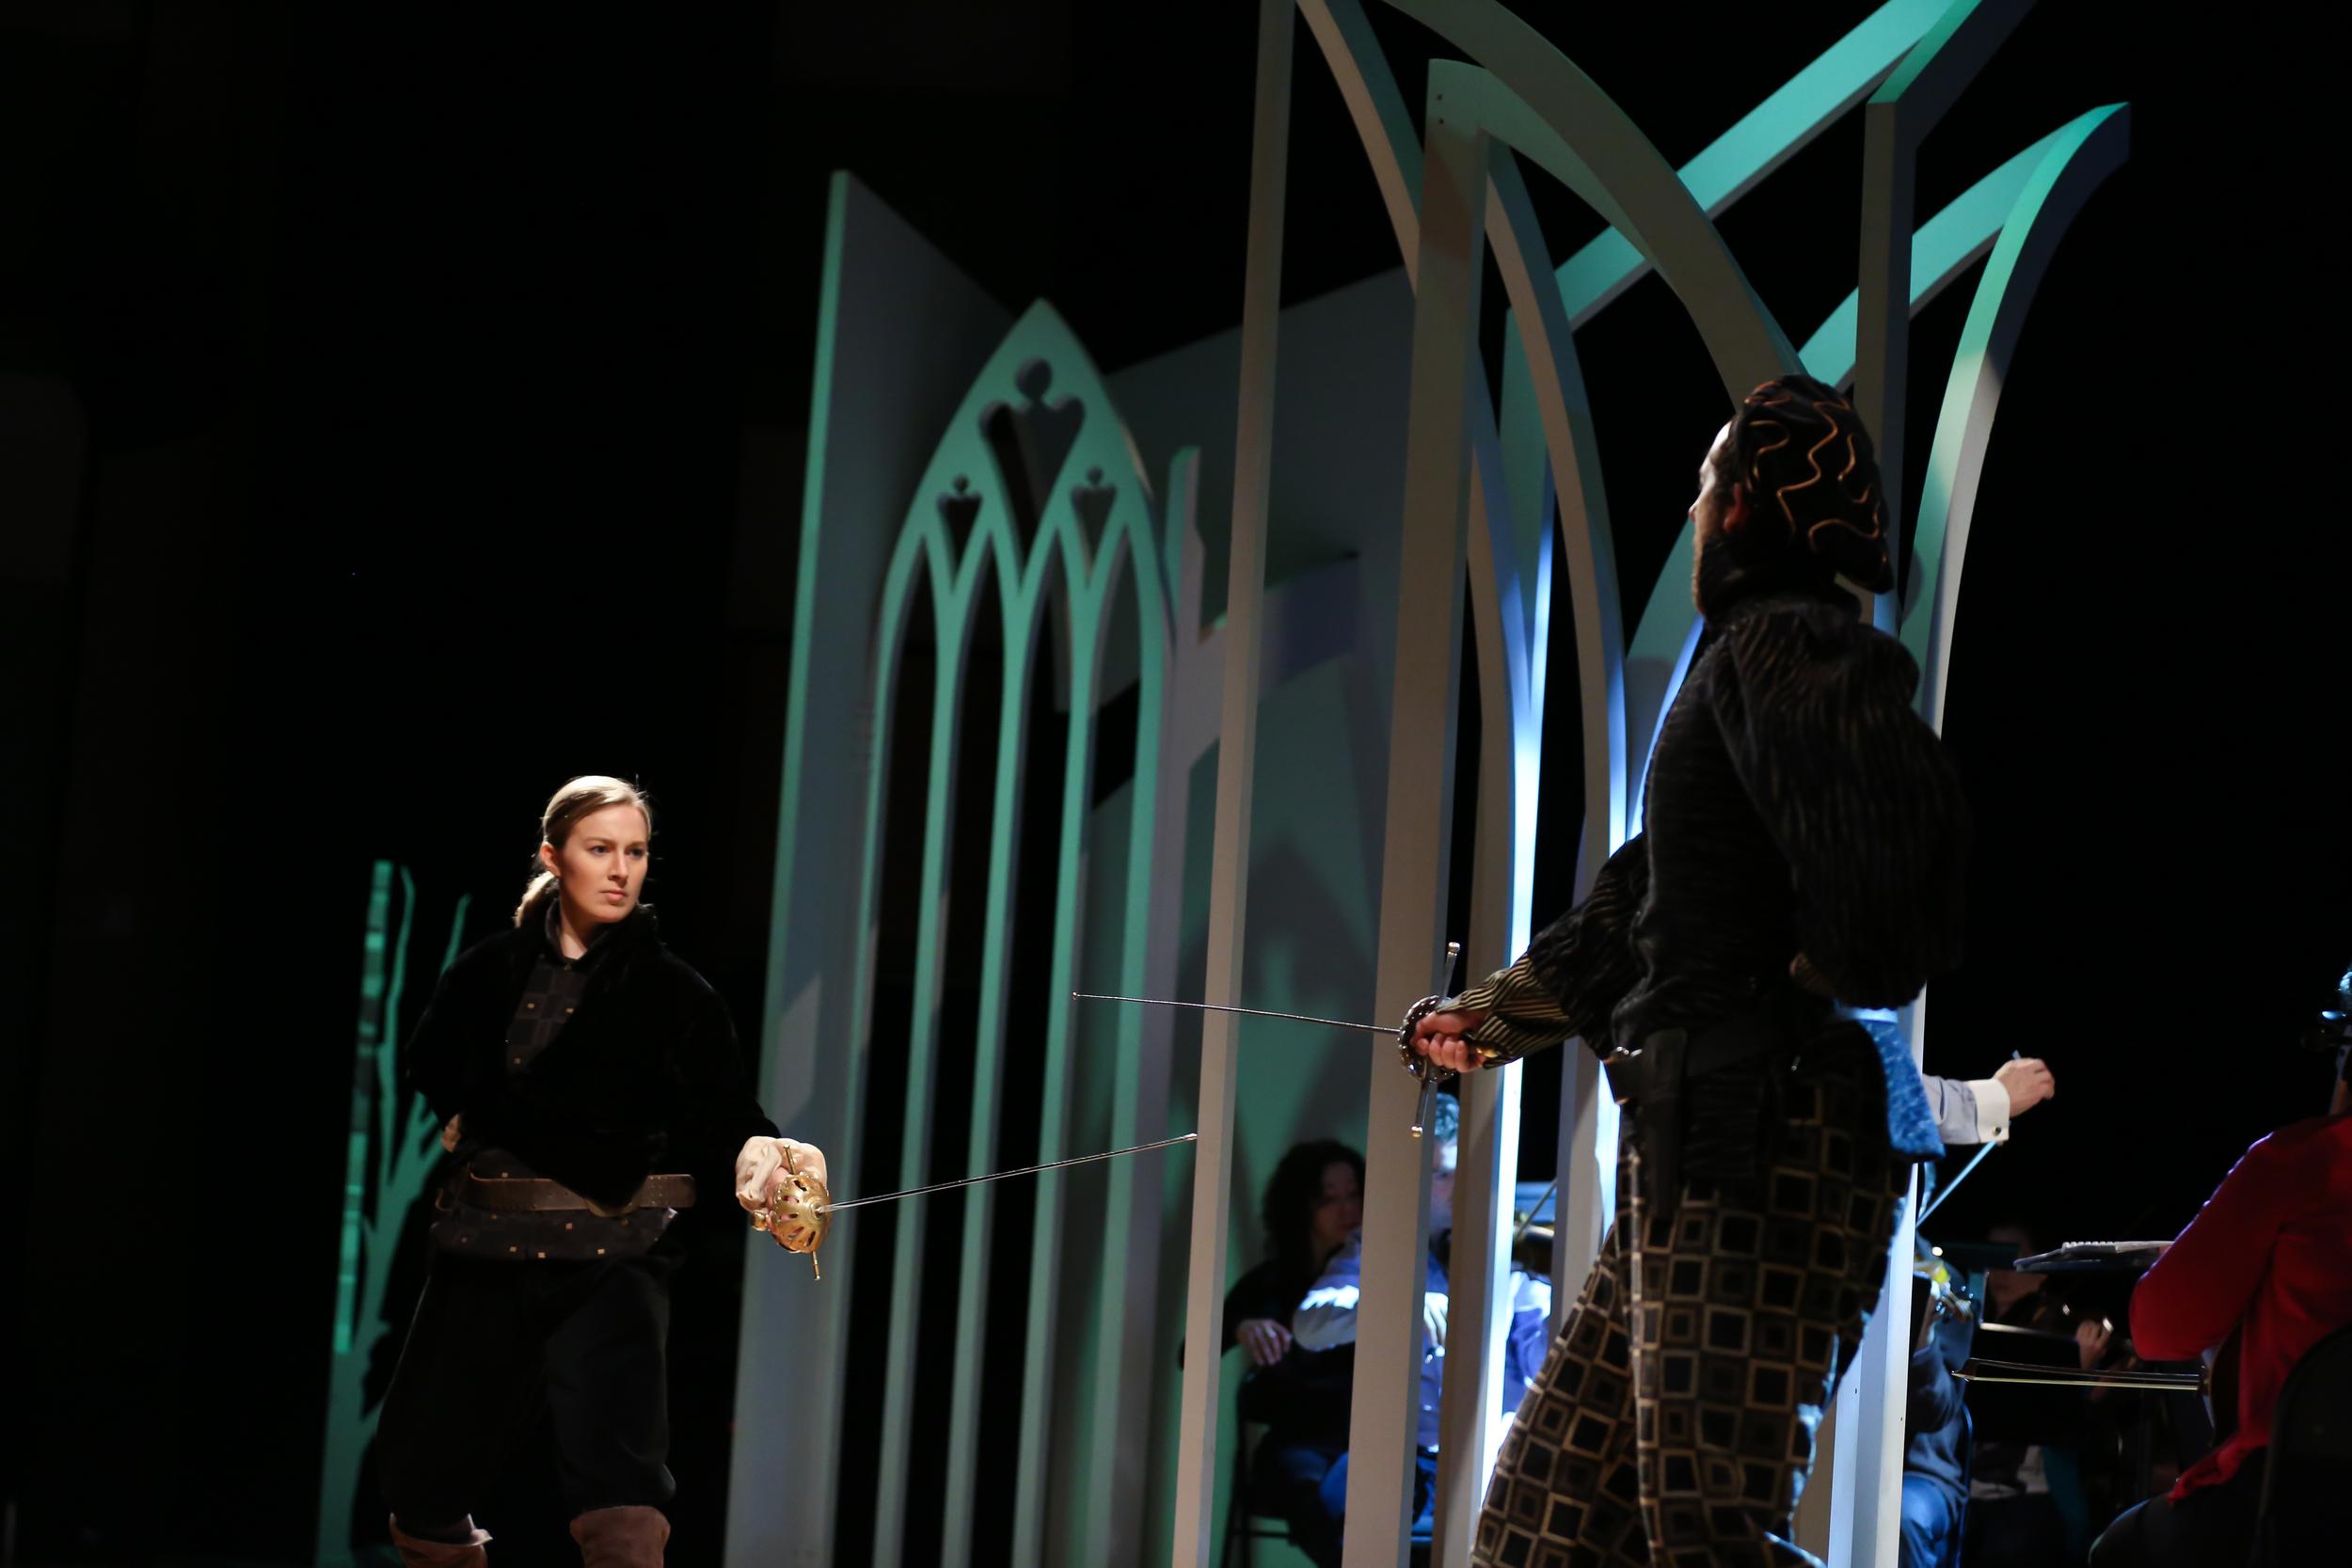 Capuleti11.jpg